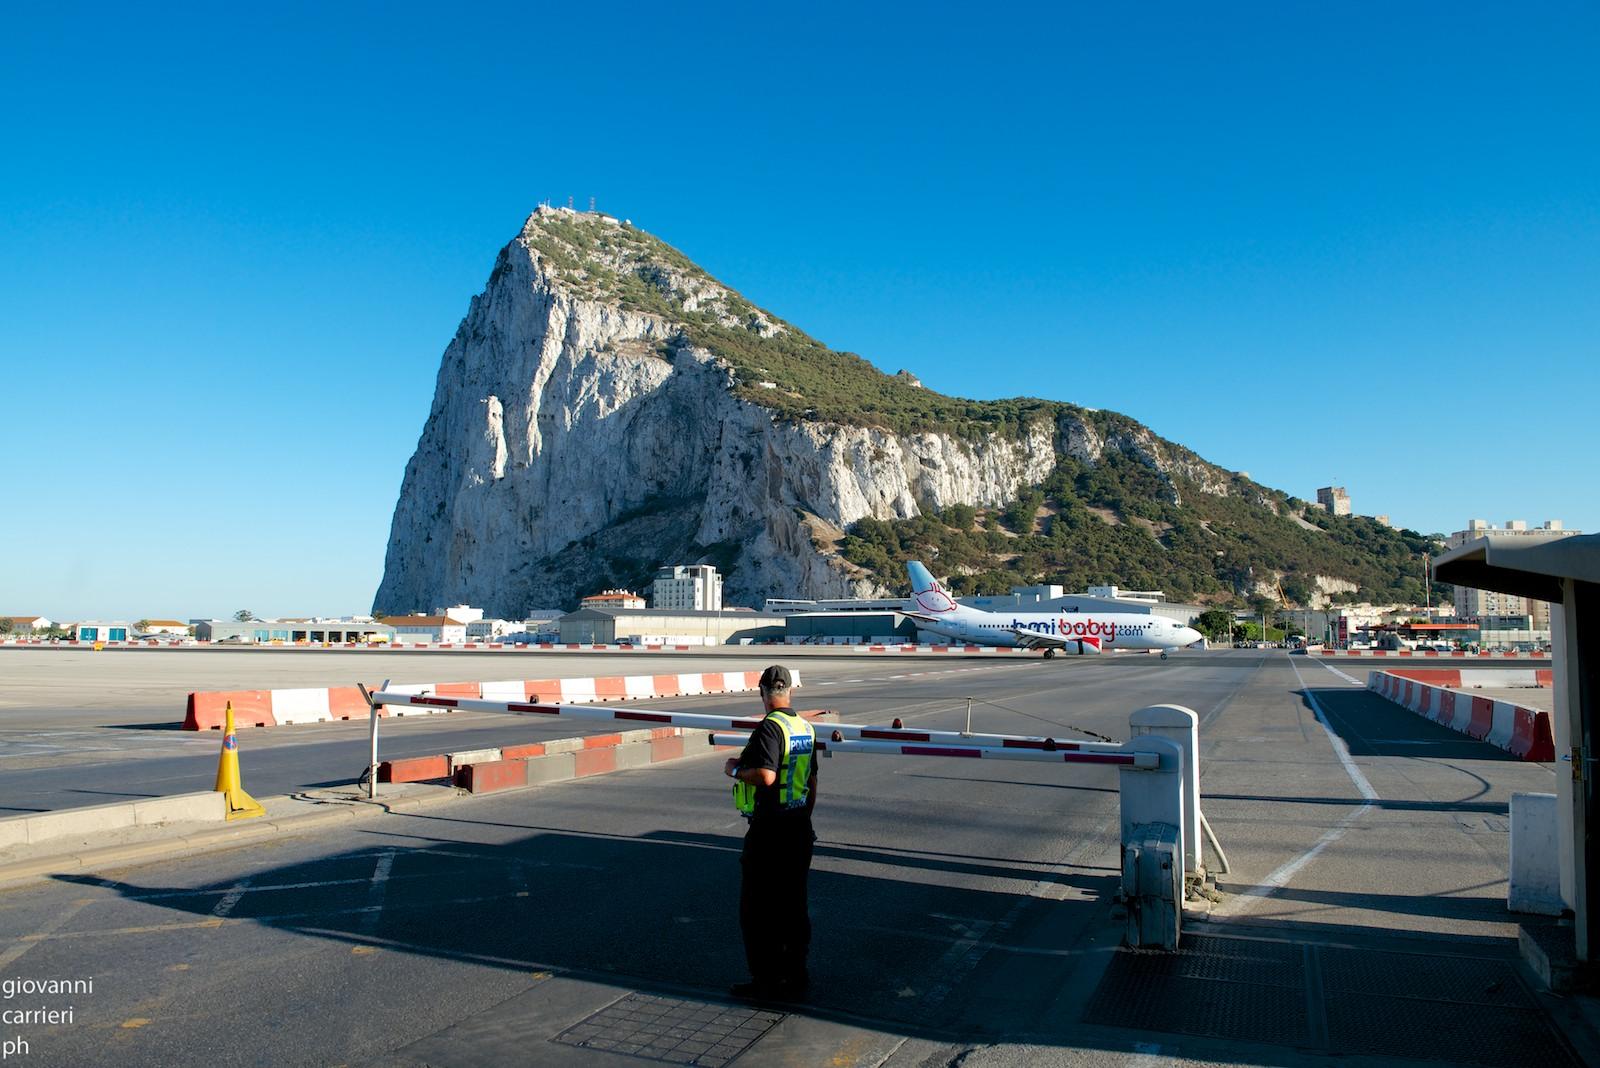 Aereoporto di Gibilterra